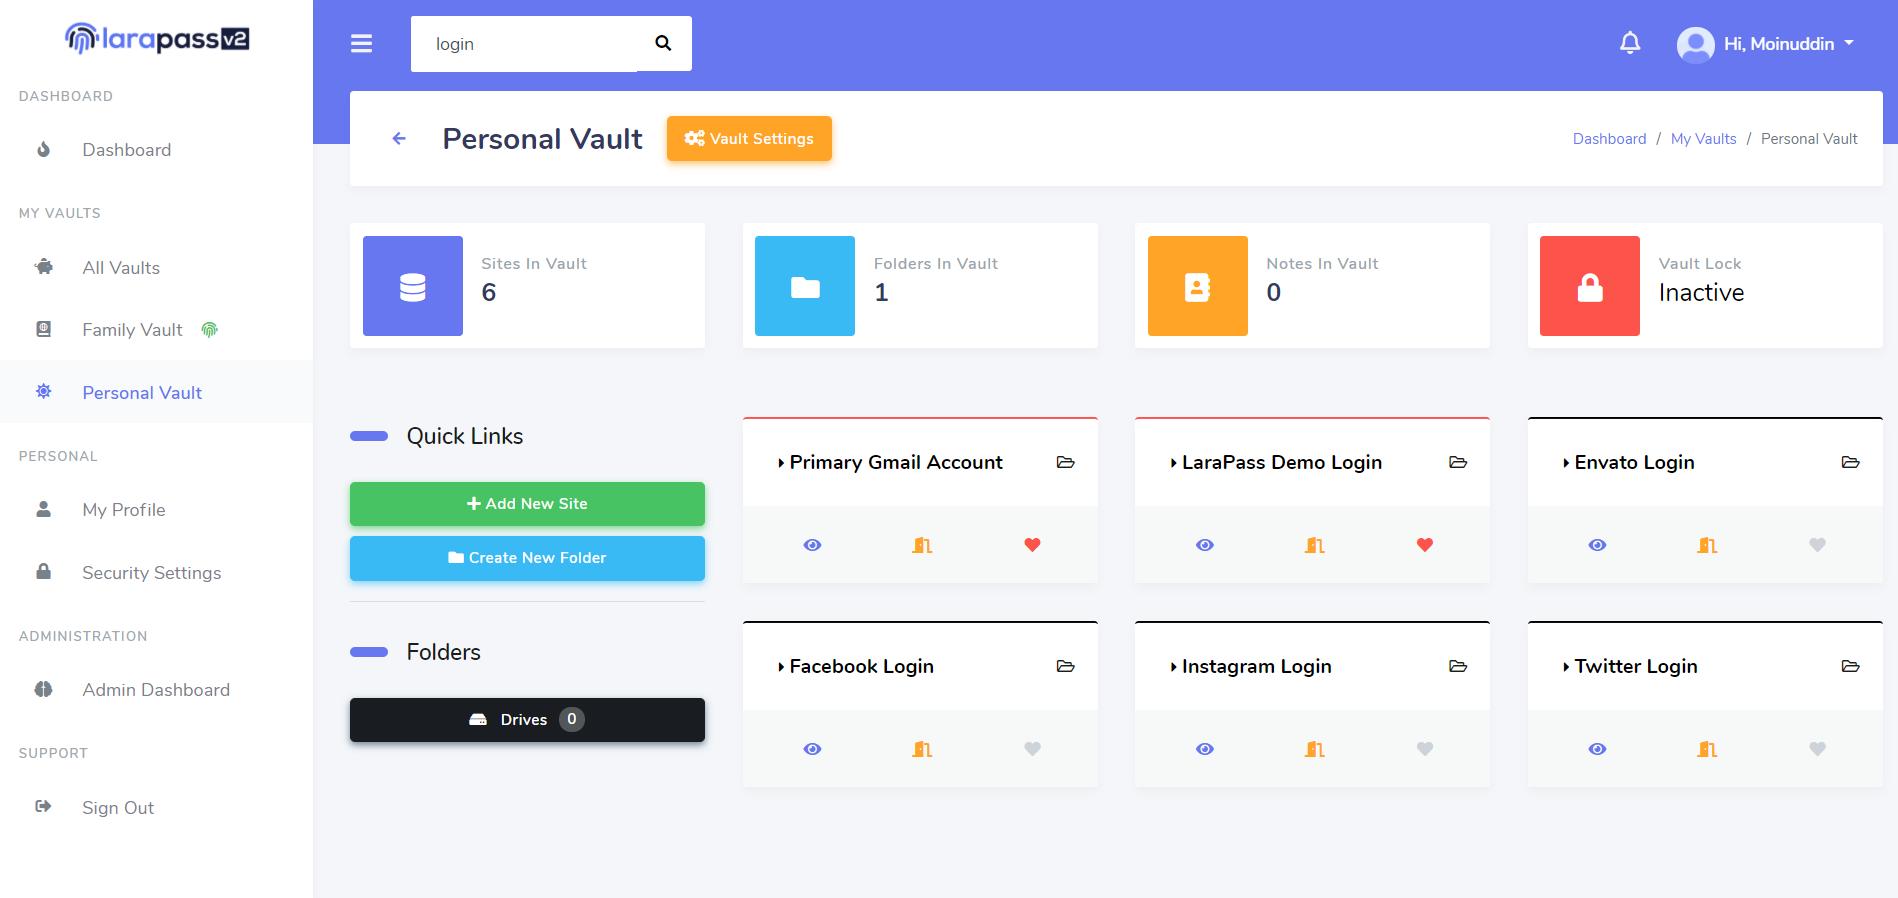 larapass-v2-dashboard